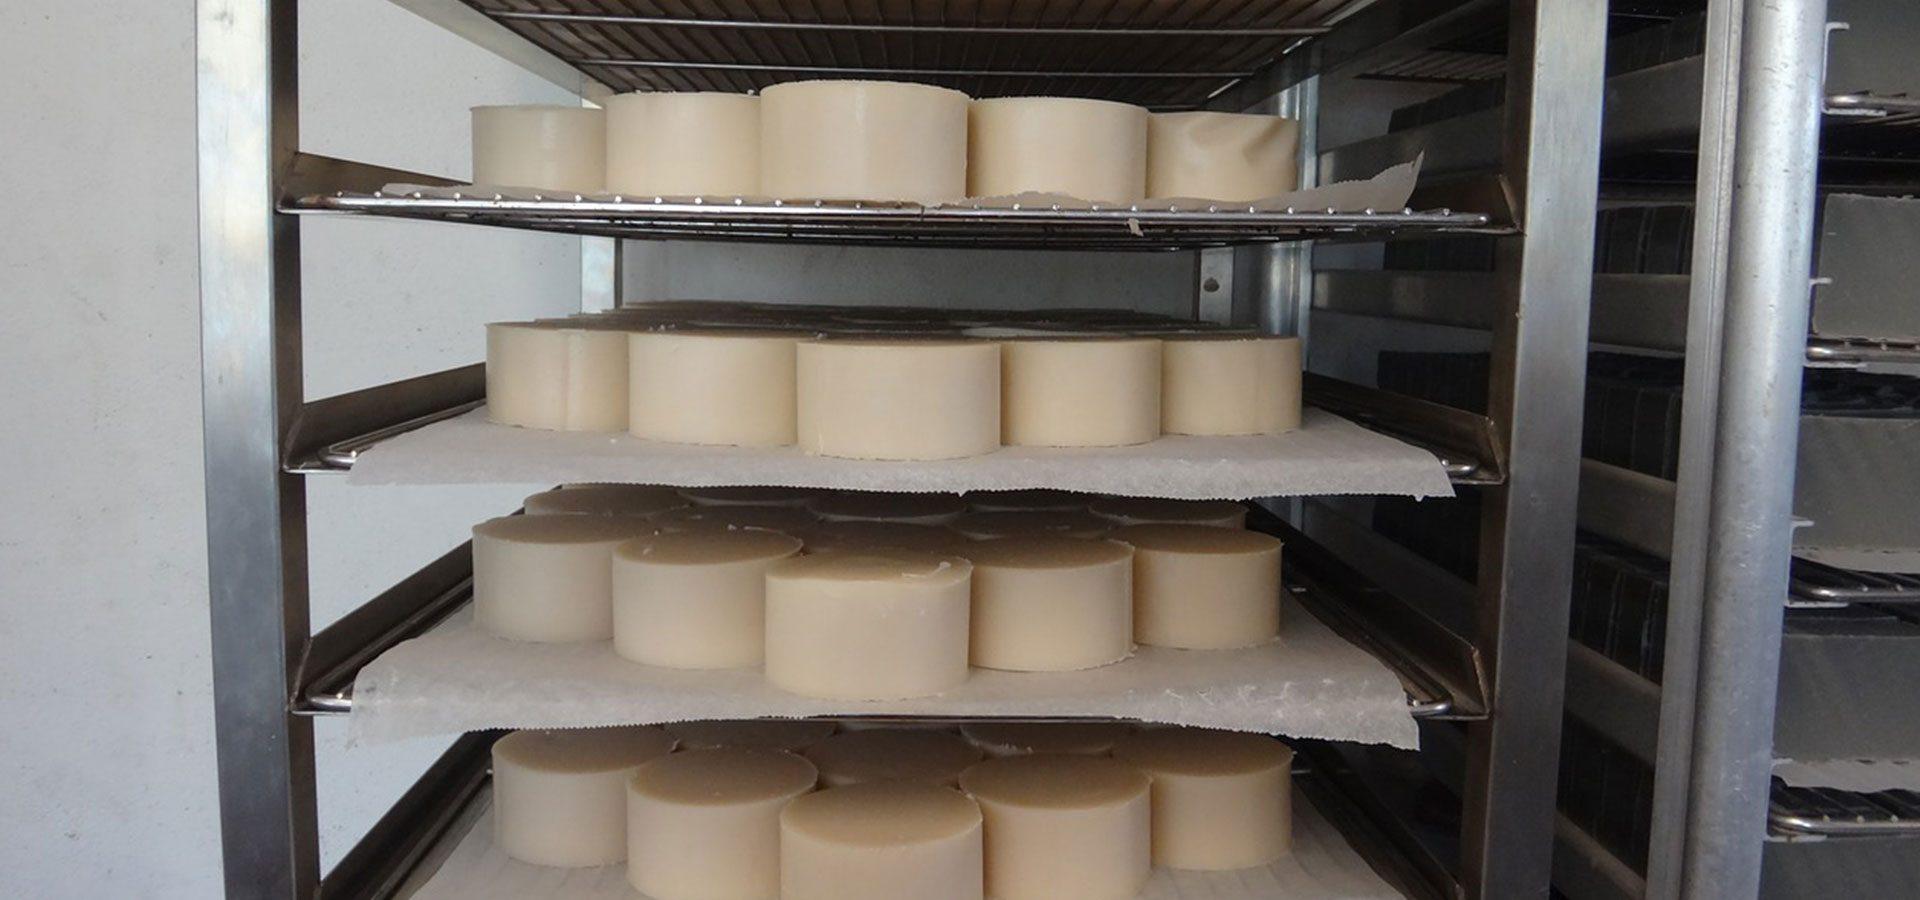 1920x900 shelf soaps